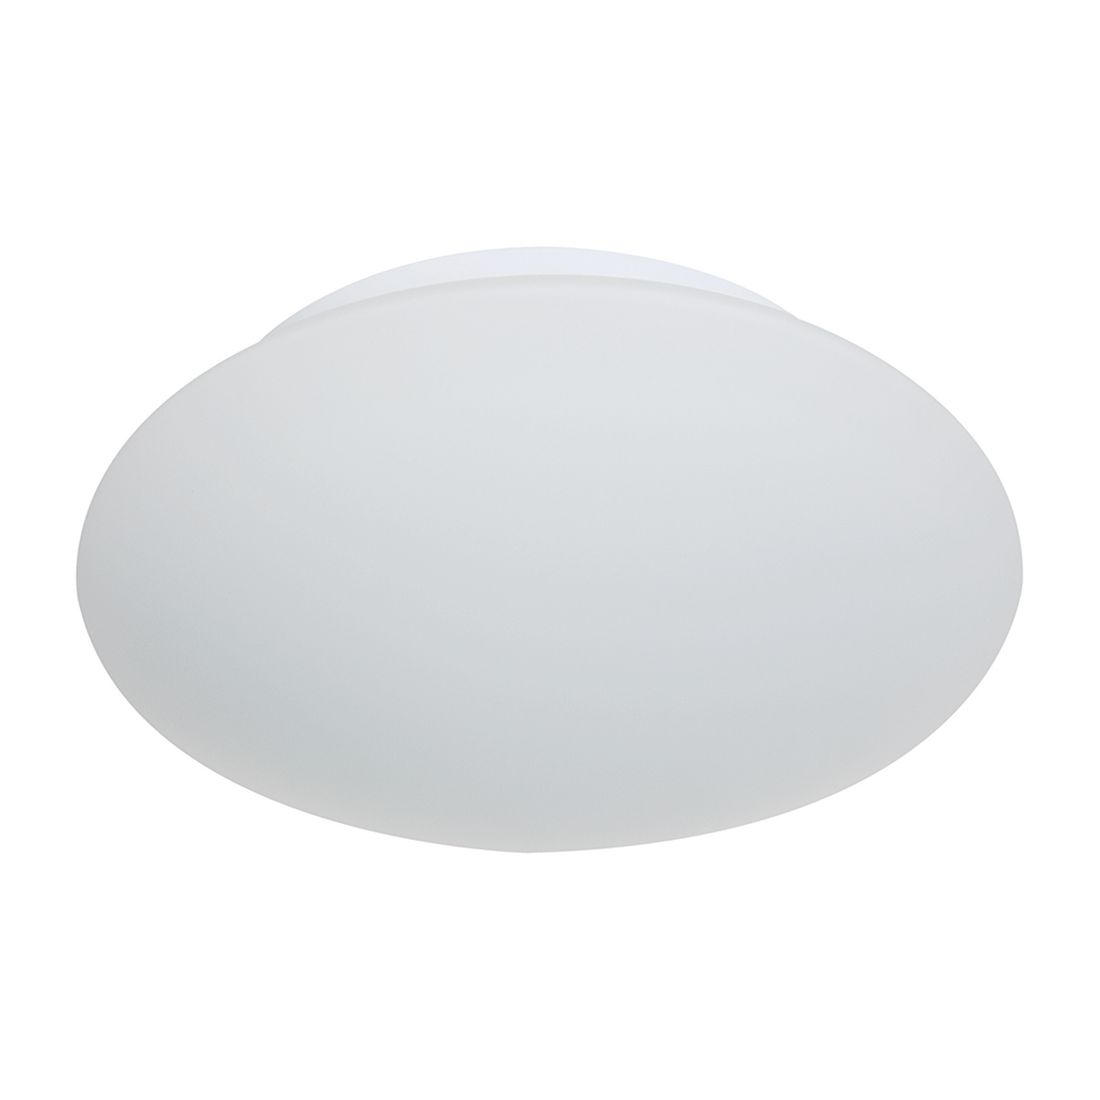 Deckenleuchte 1-flammig ● Weiß Ø 25cm- Steinhauer A++